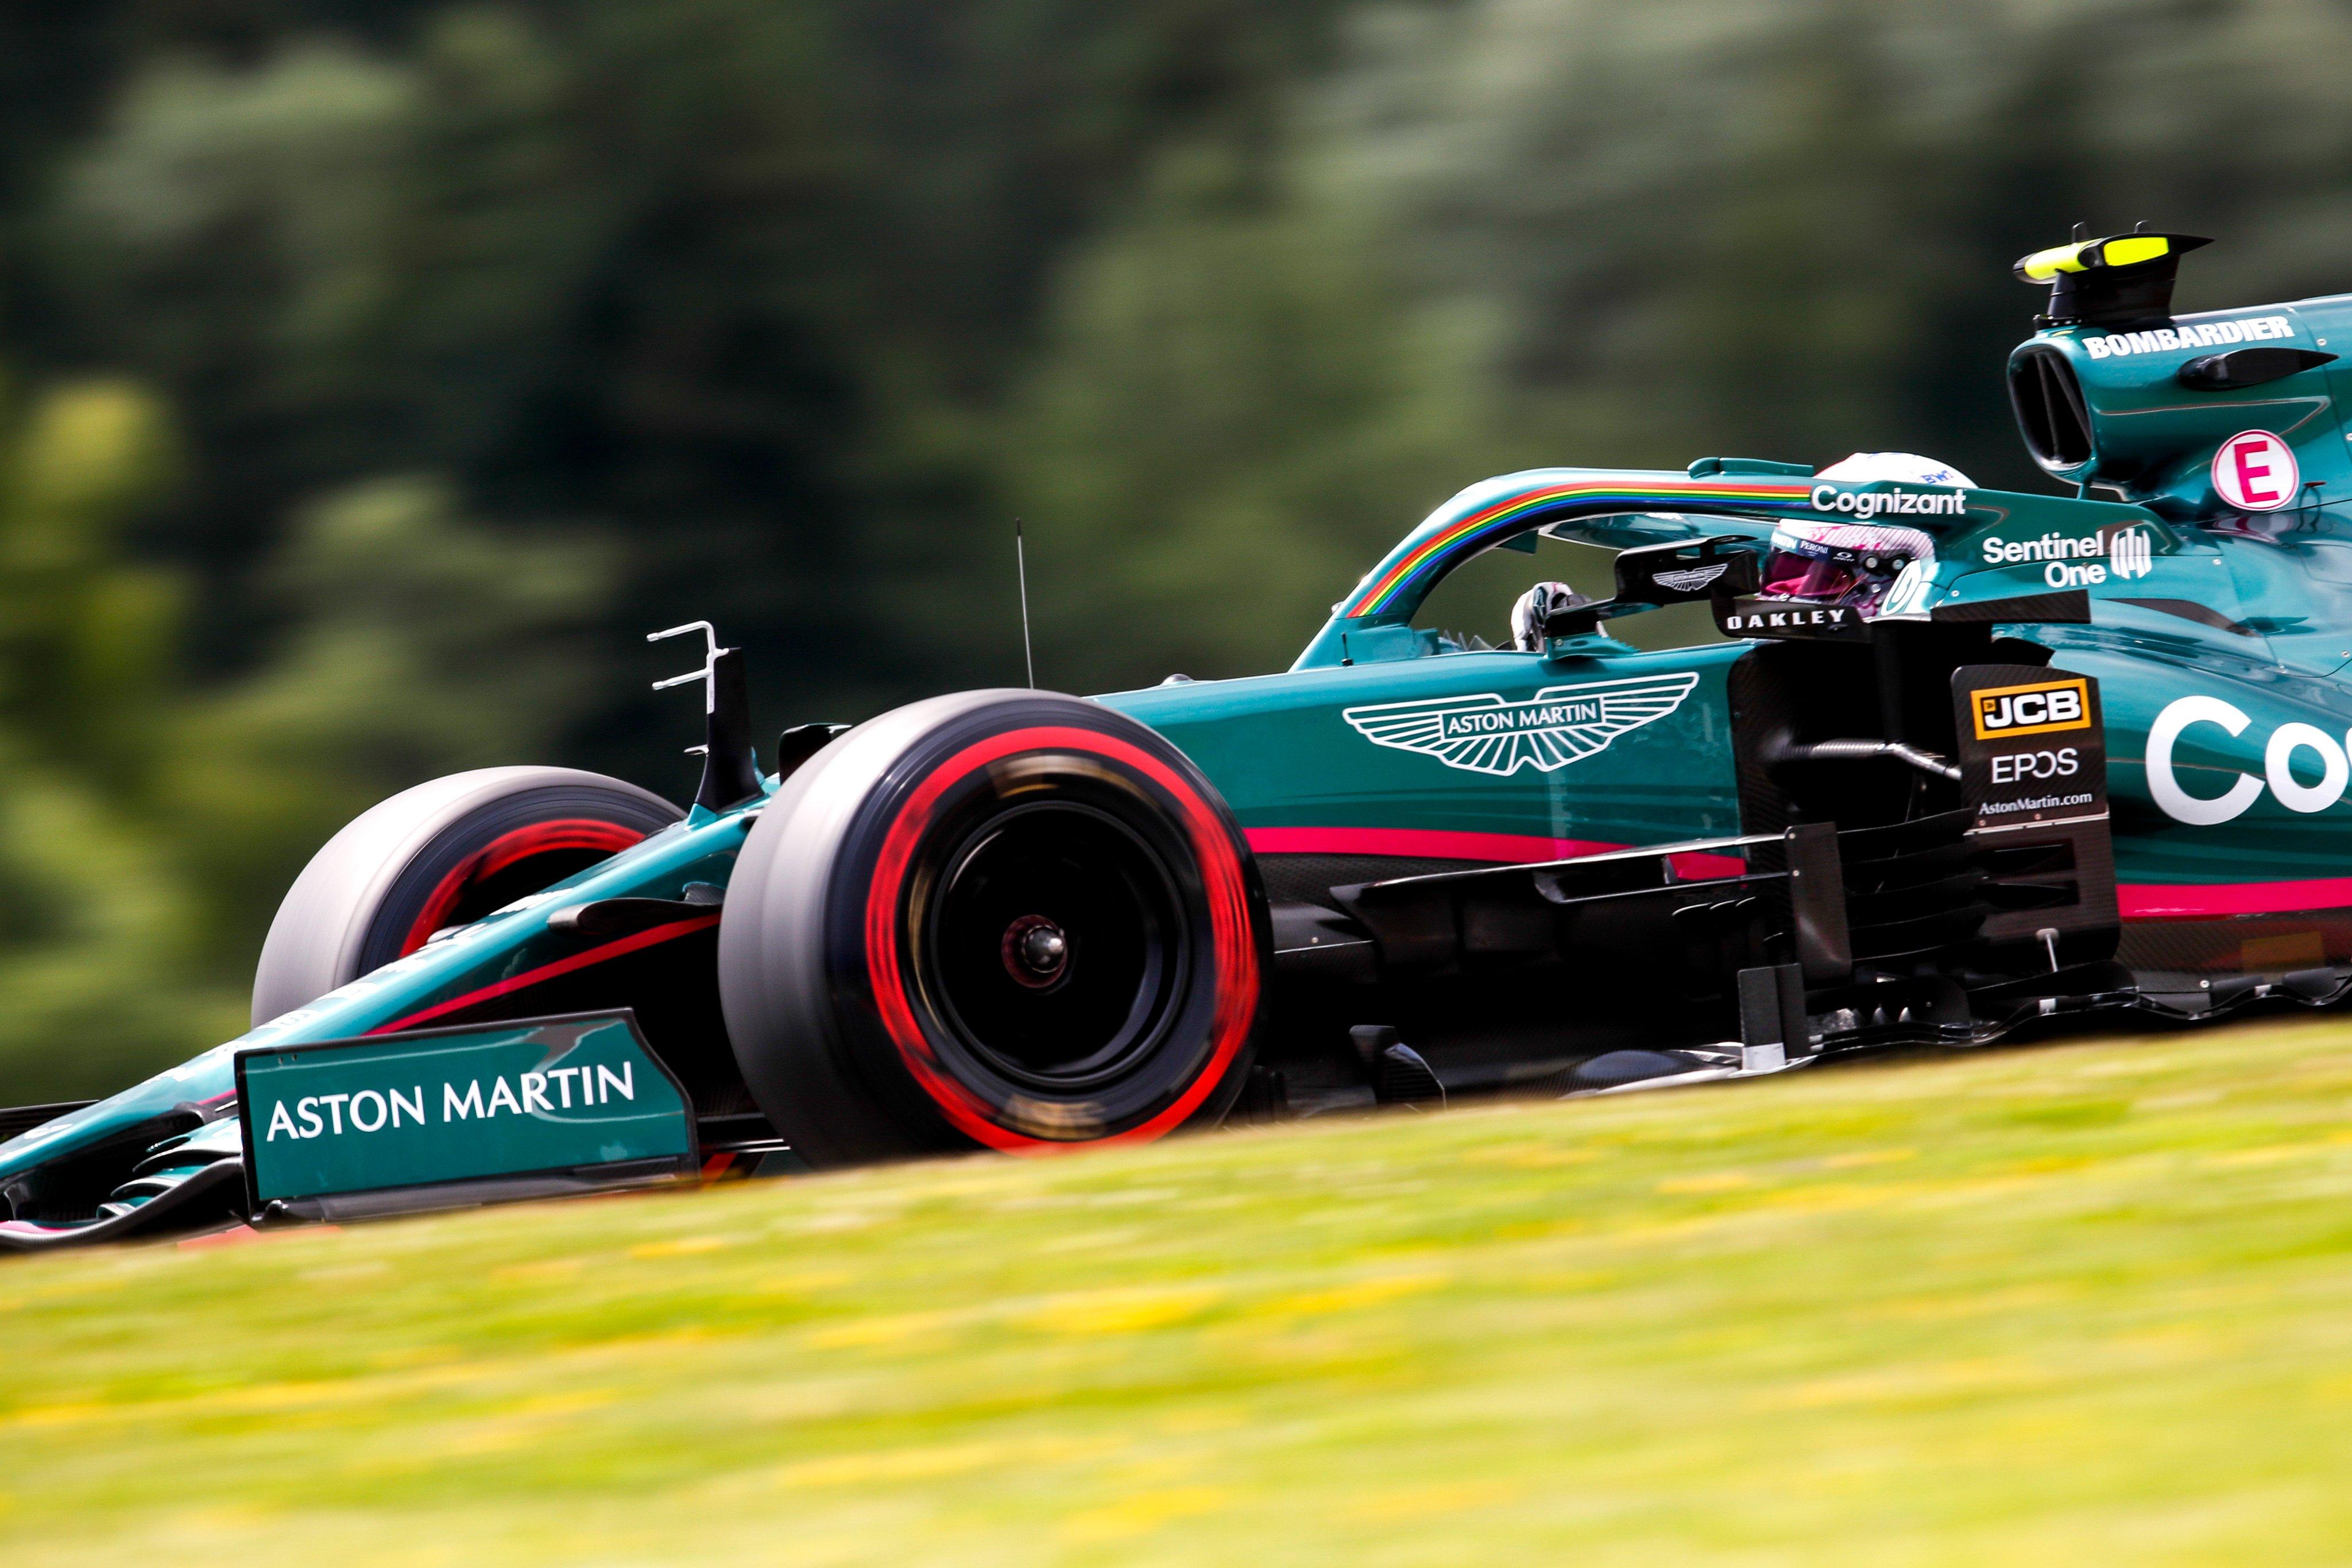 Viernes en Estiria – Aston Martin, con opciones de entrar mañana en la Q3